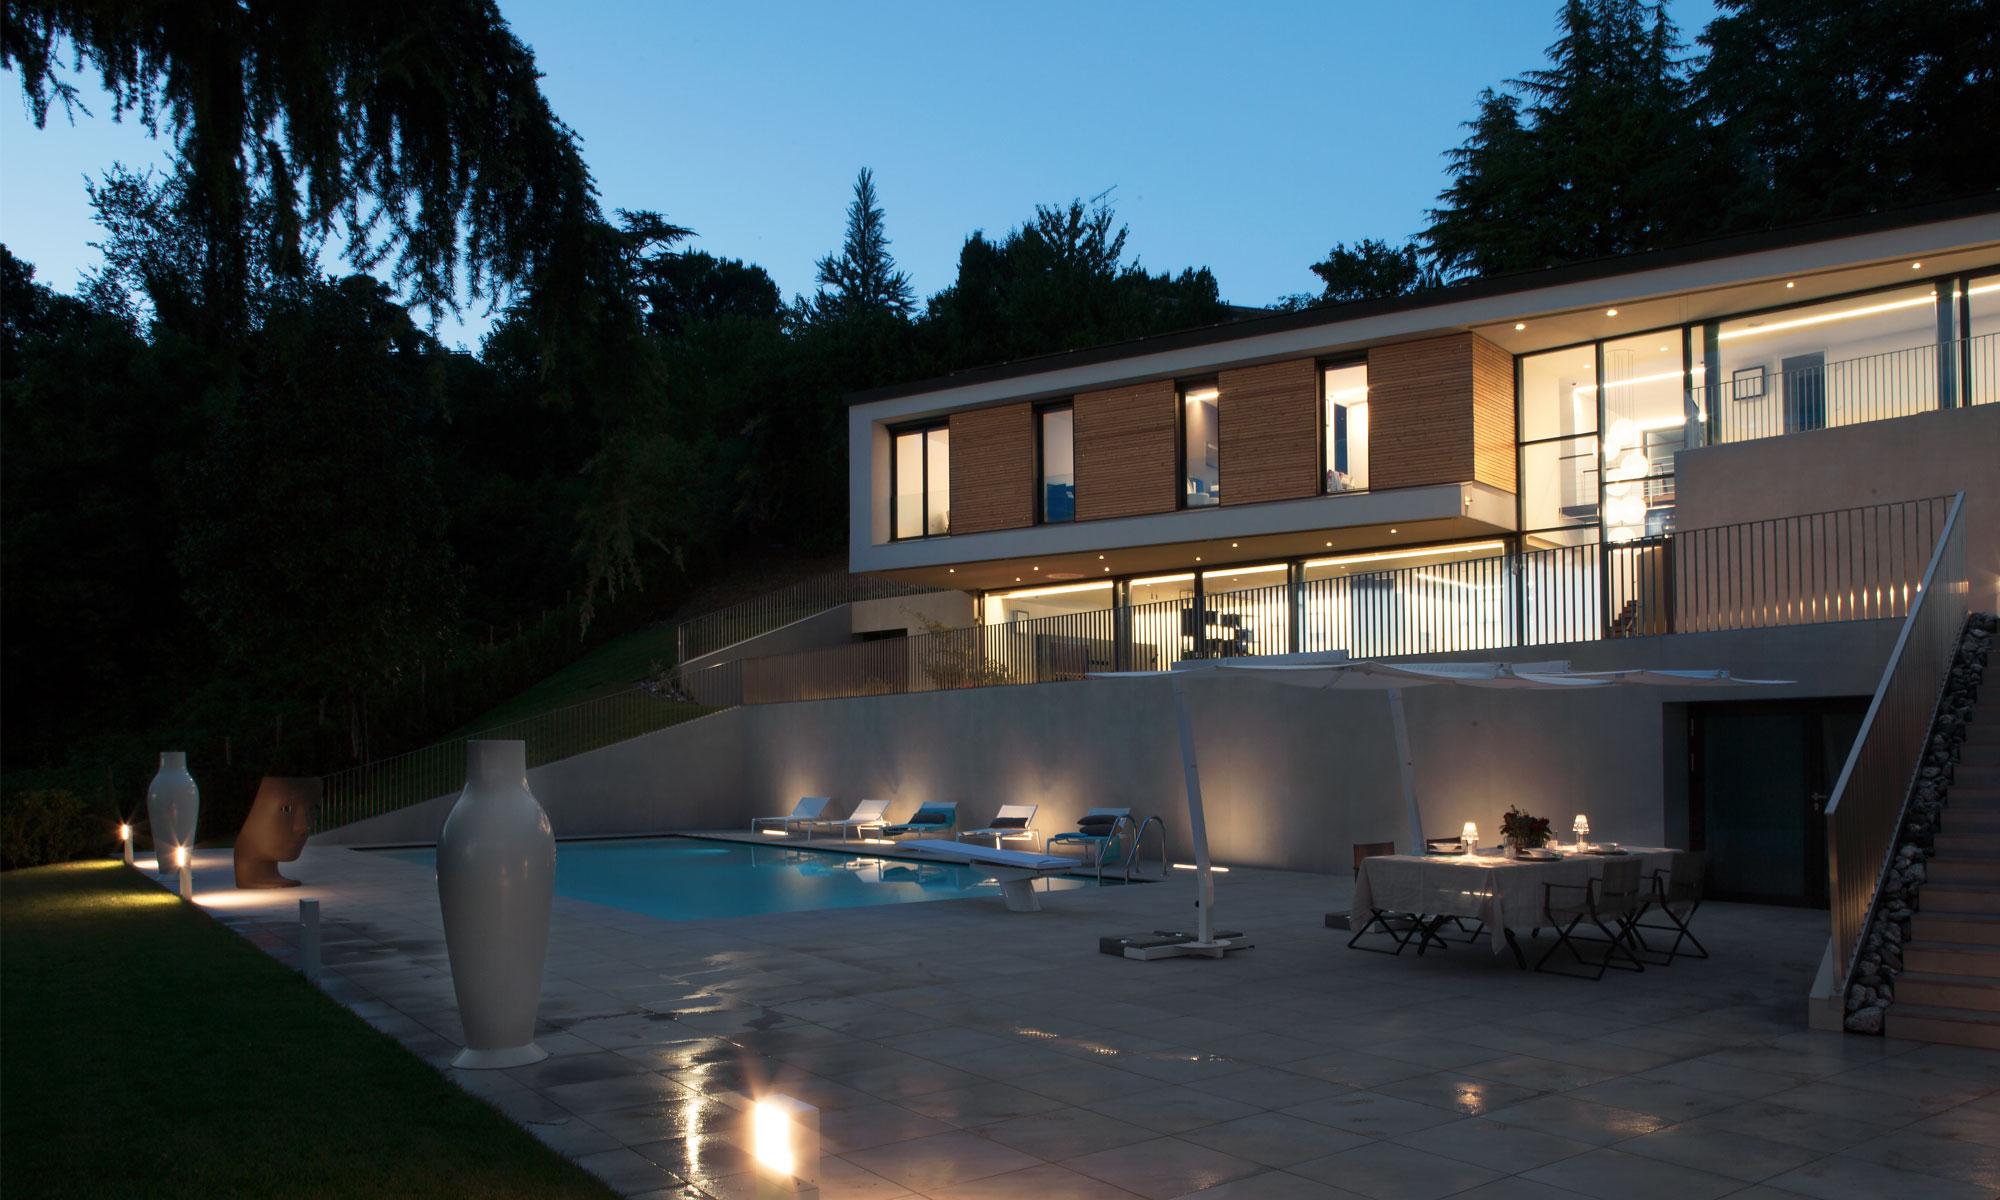 ad-arredo-dal-pozzo-progetto-arredo-ombrelloni-design-per-la-villa-con-piscina-in-stile-moderno-3.jpg